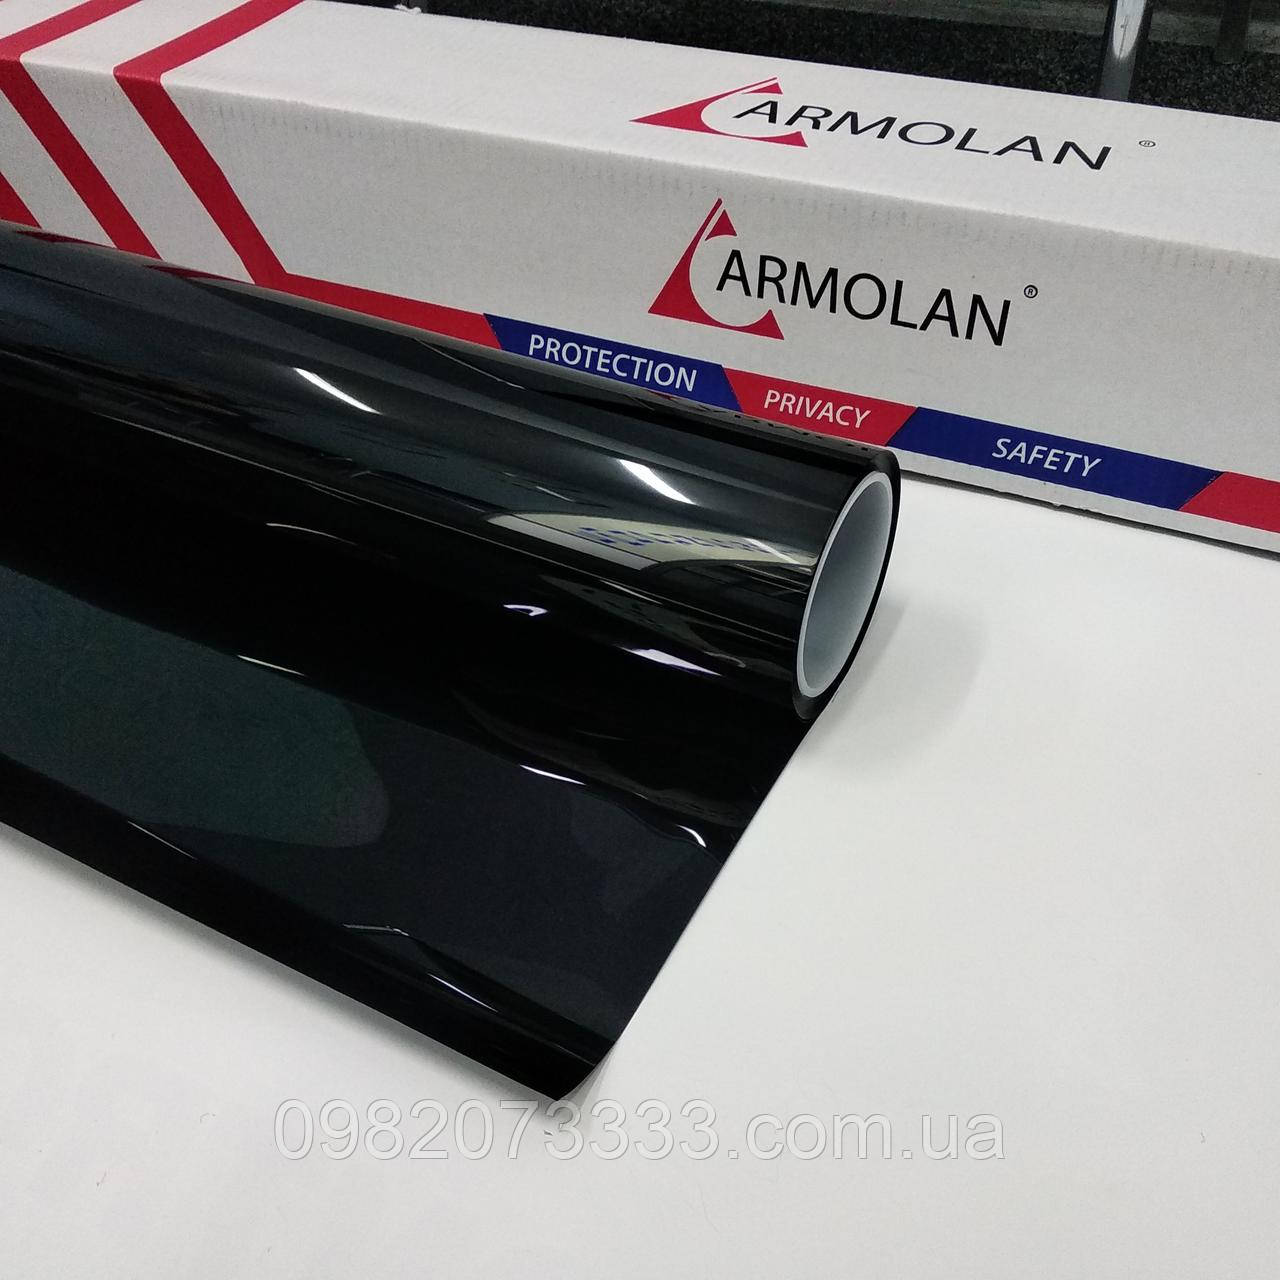 Автомобільна плівка Armolan HPR LR CH 35 (рулон 10мп ширина 1,524) для тонування стекол авто (США)